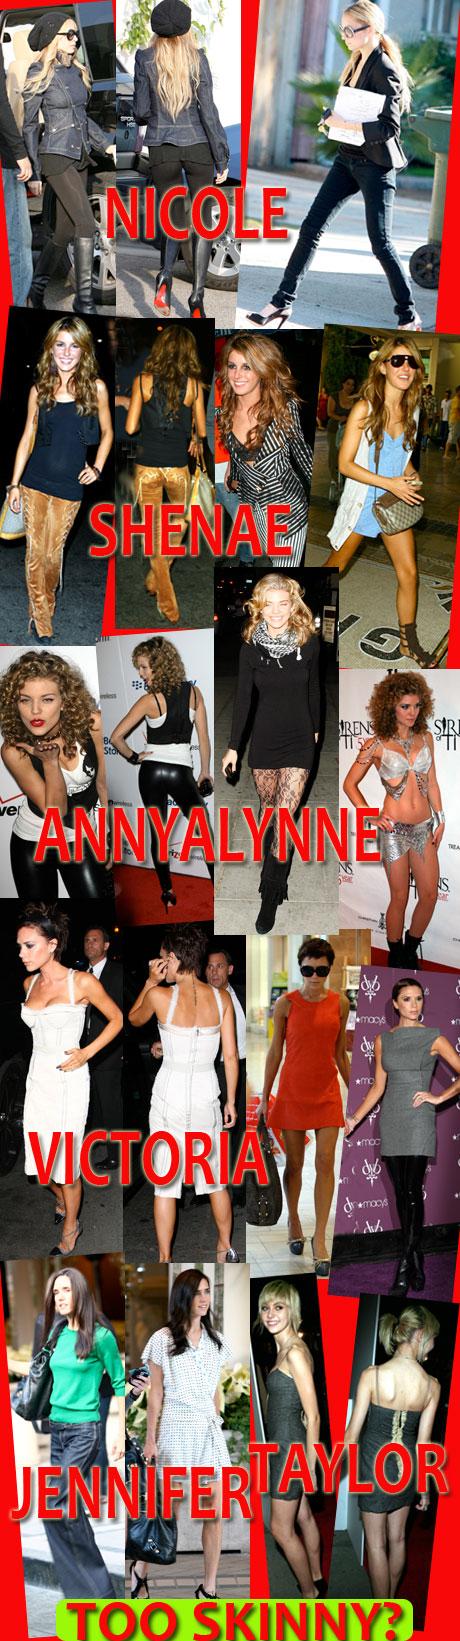 Victoria Beckham skinnygirls.jpg